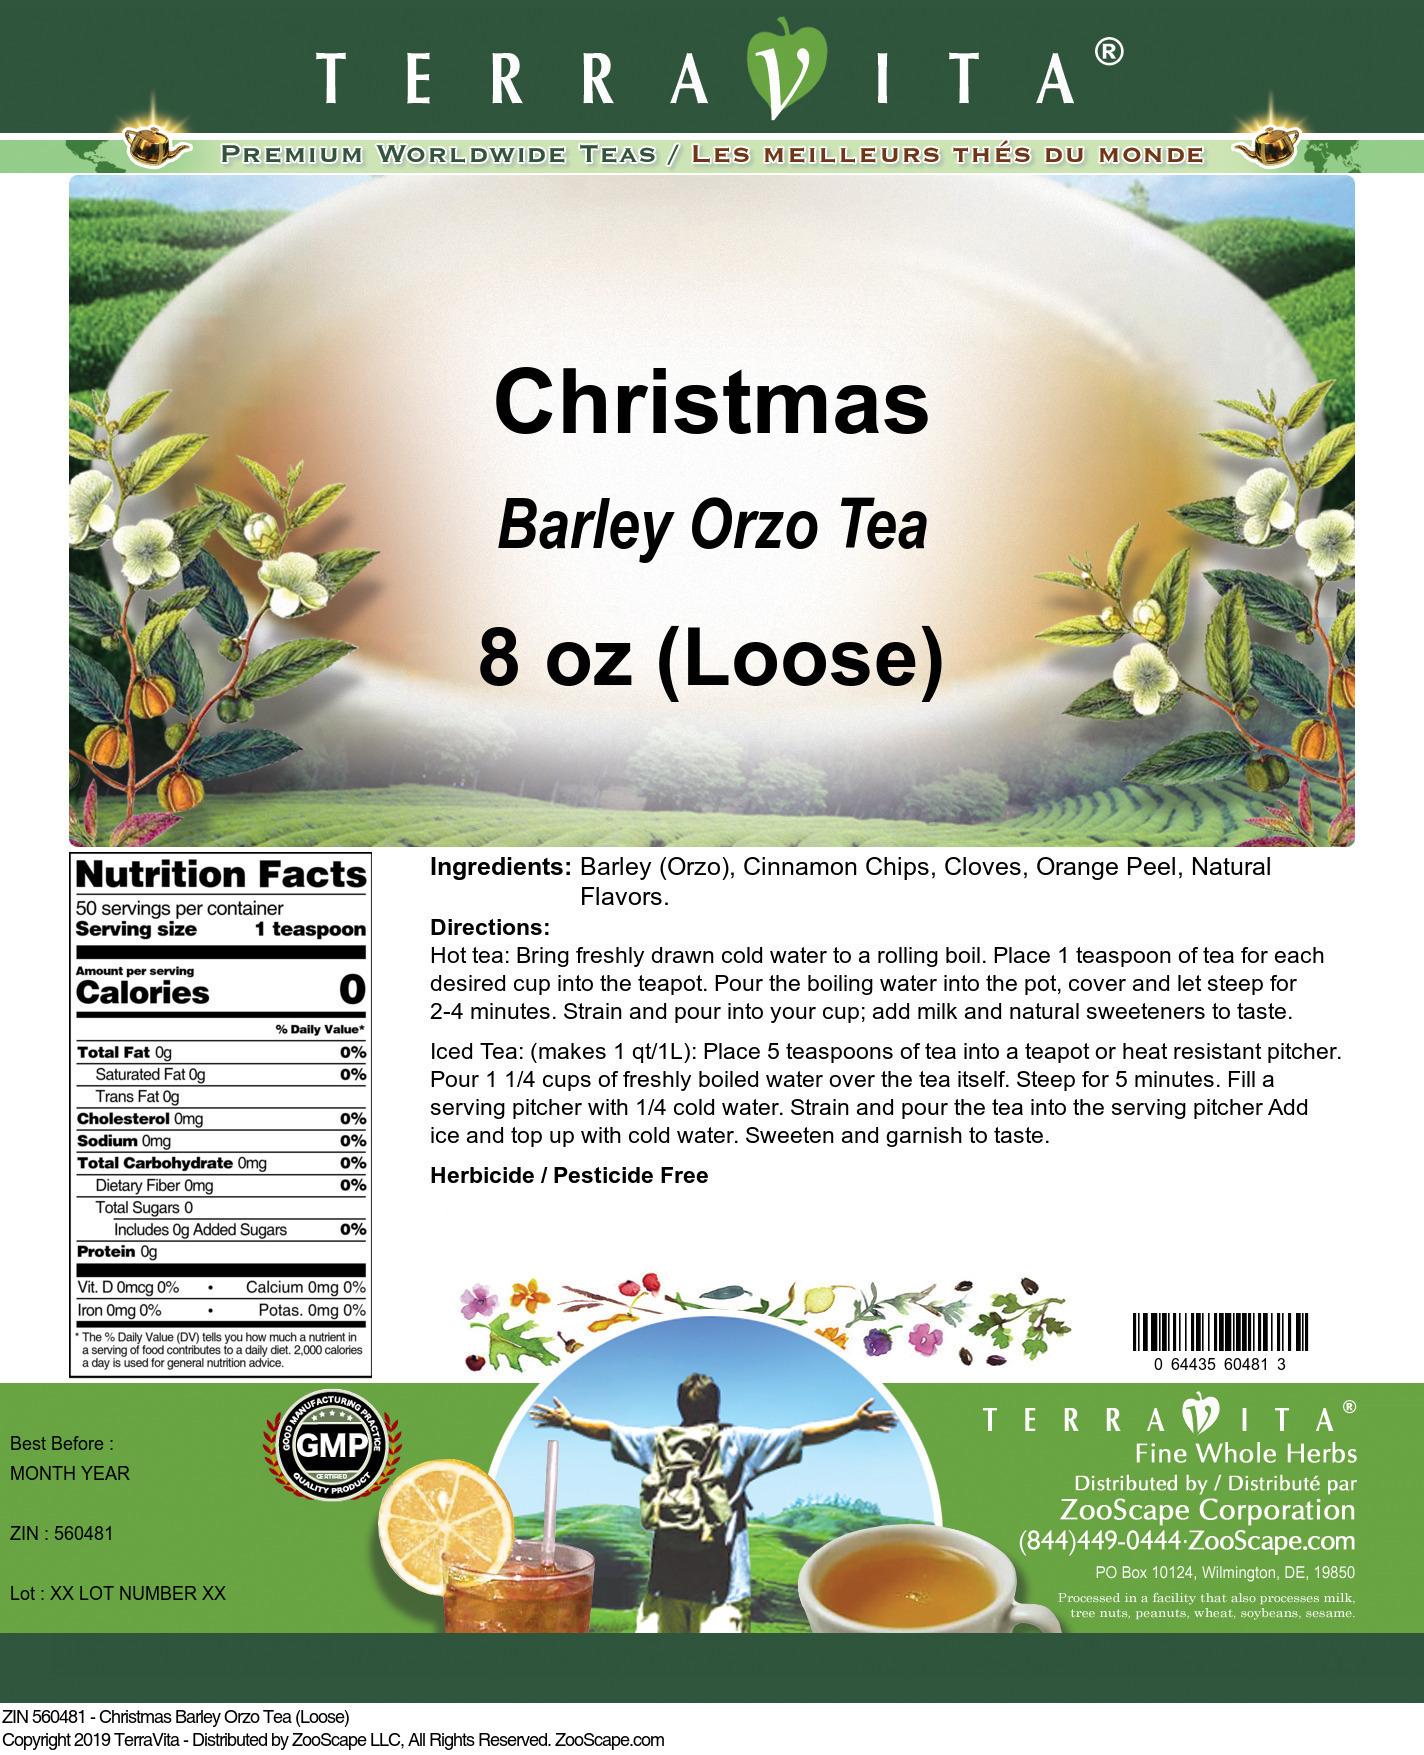 Christmas Barley Orzo